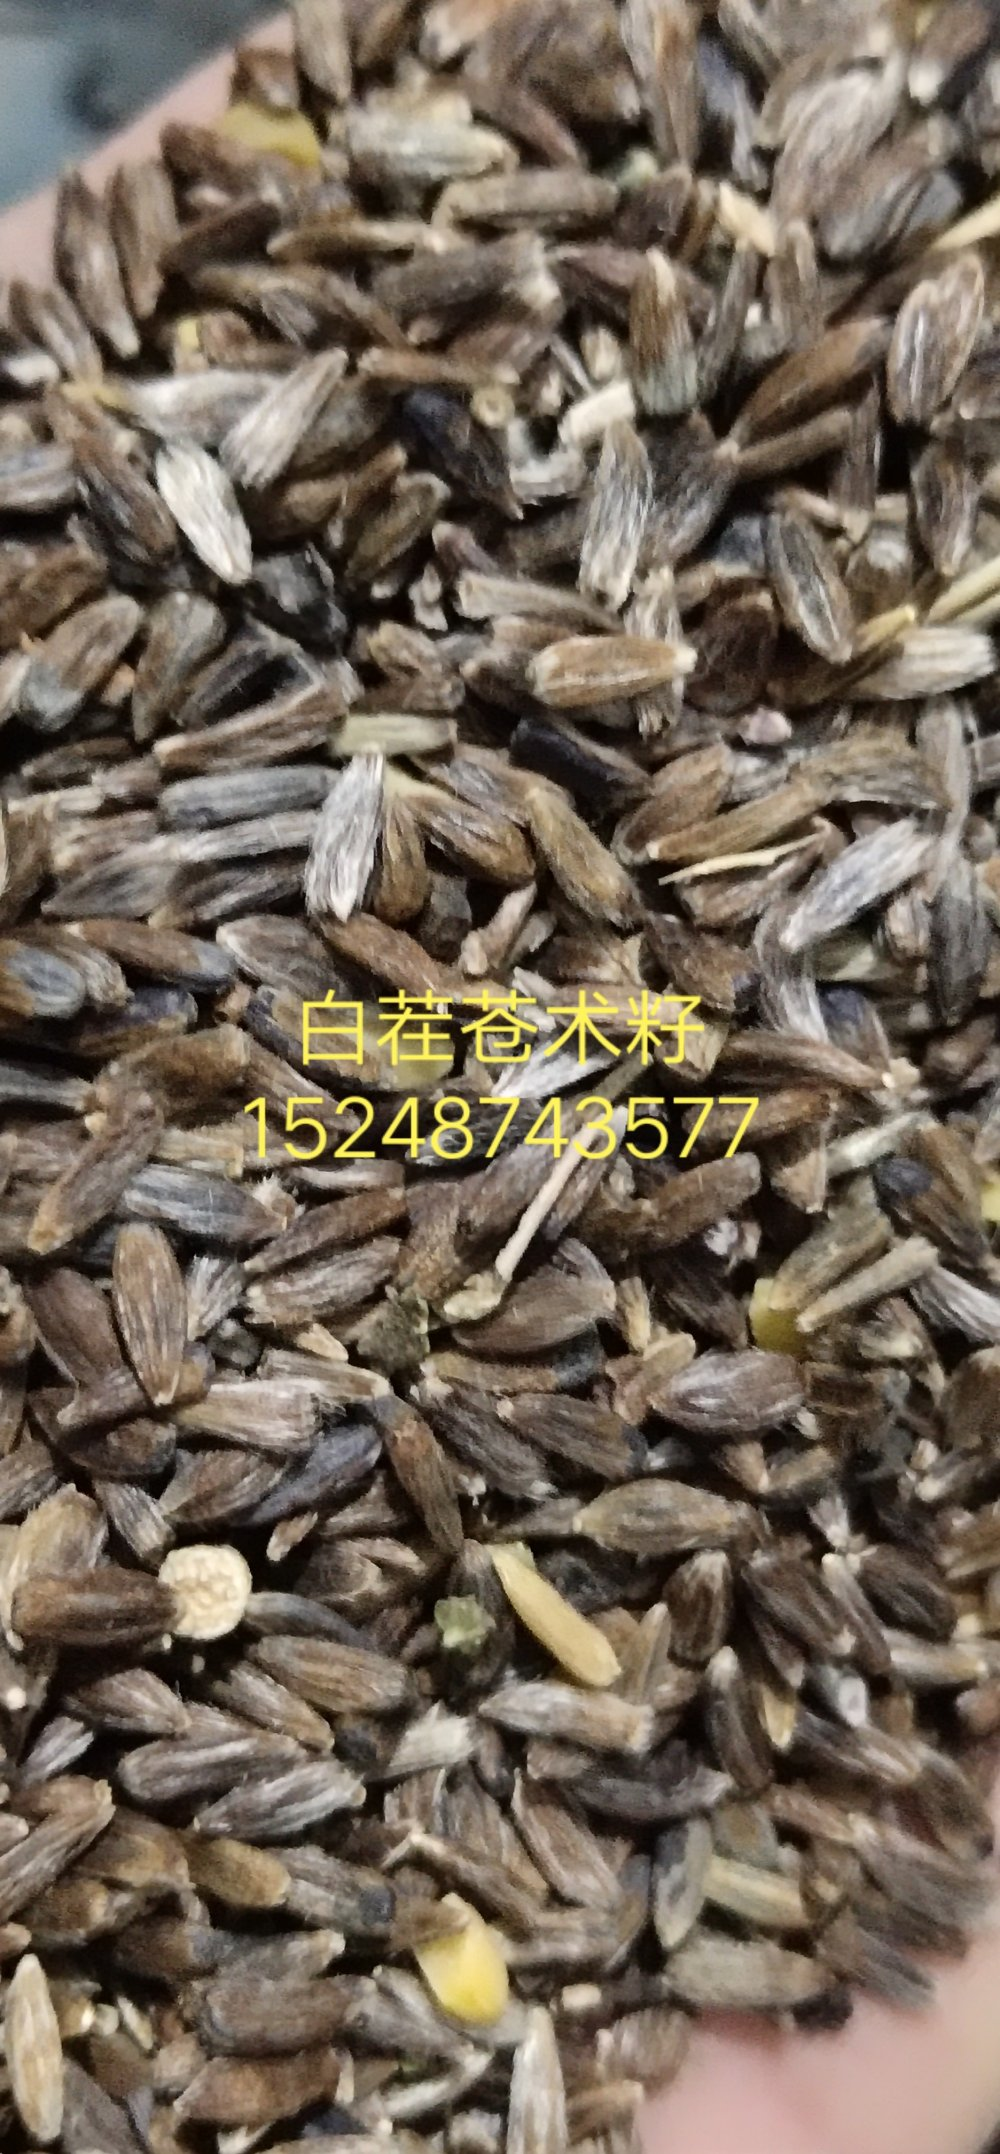 出售麻叶返魂草籽,苍术籽,赤芍籽